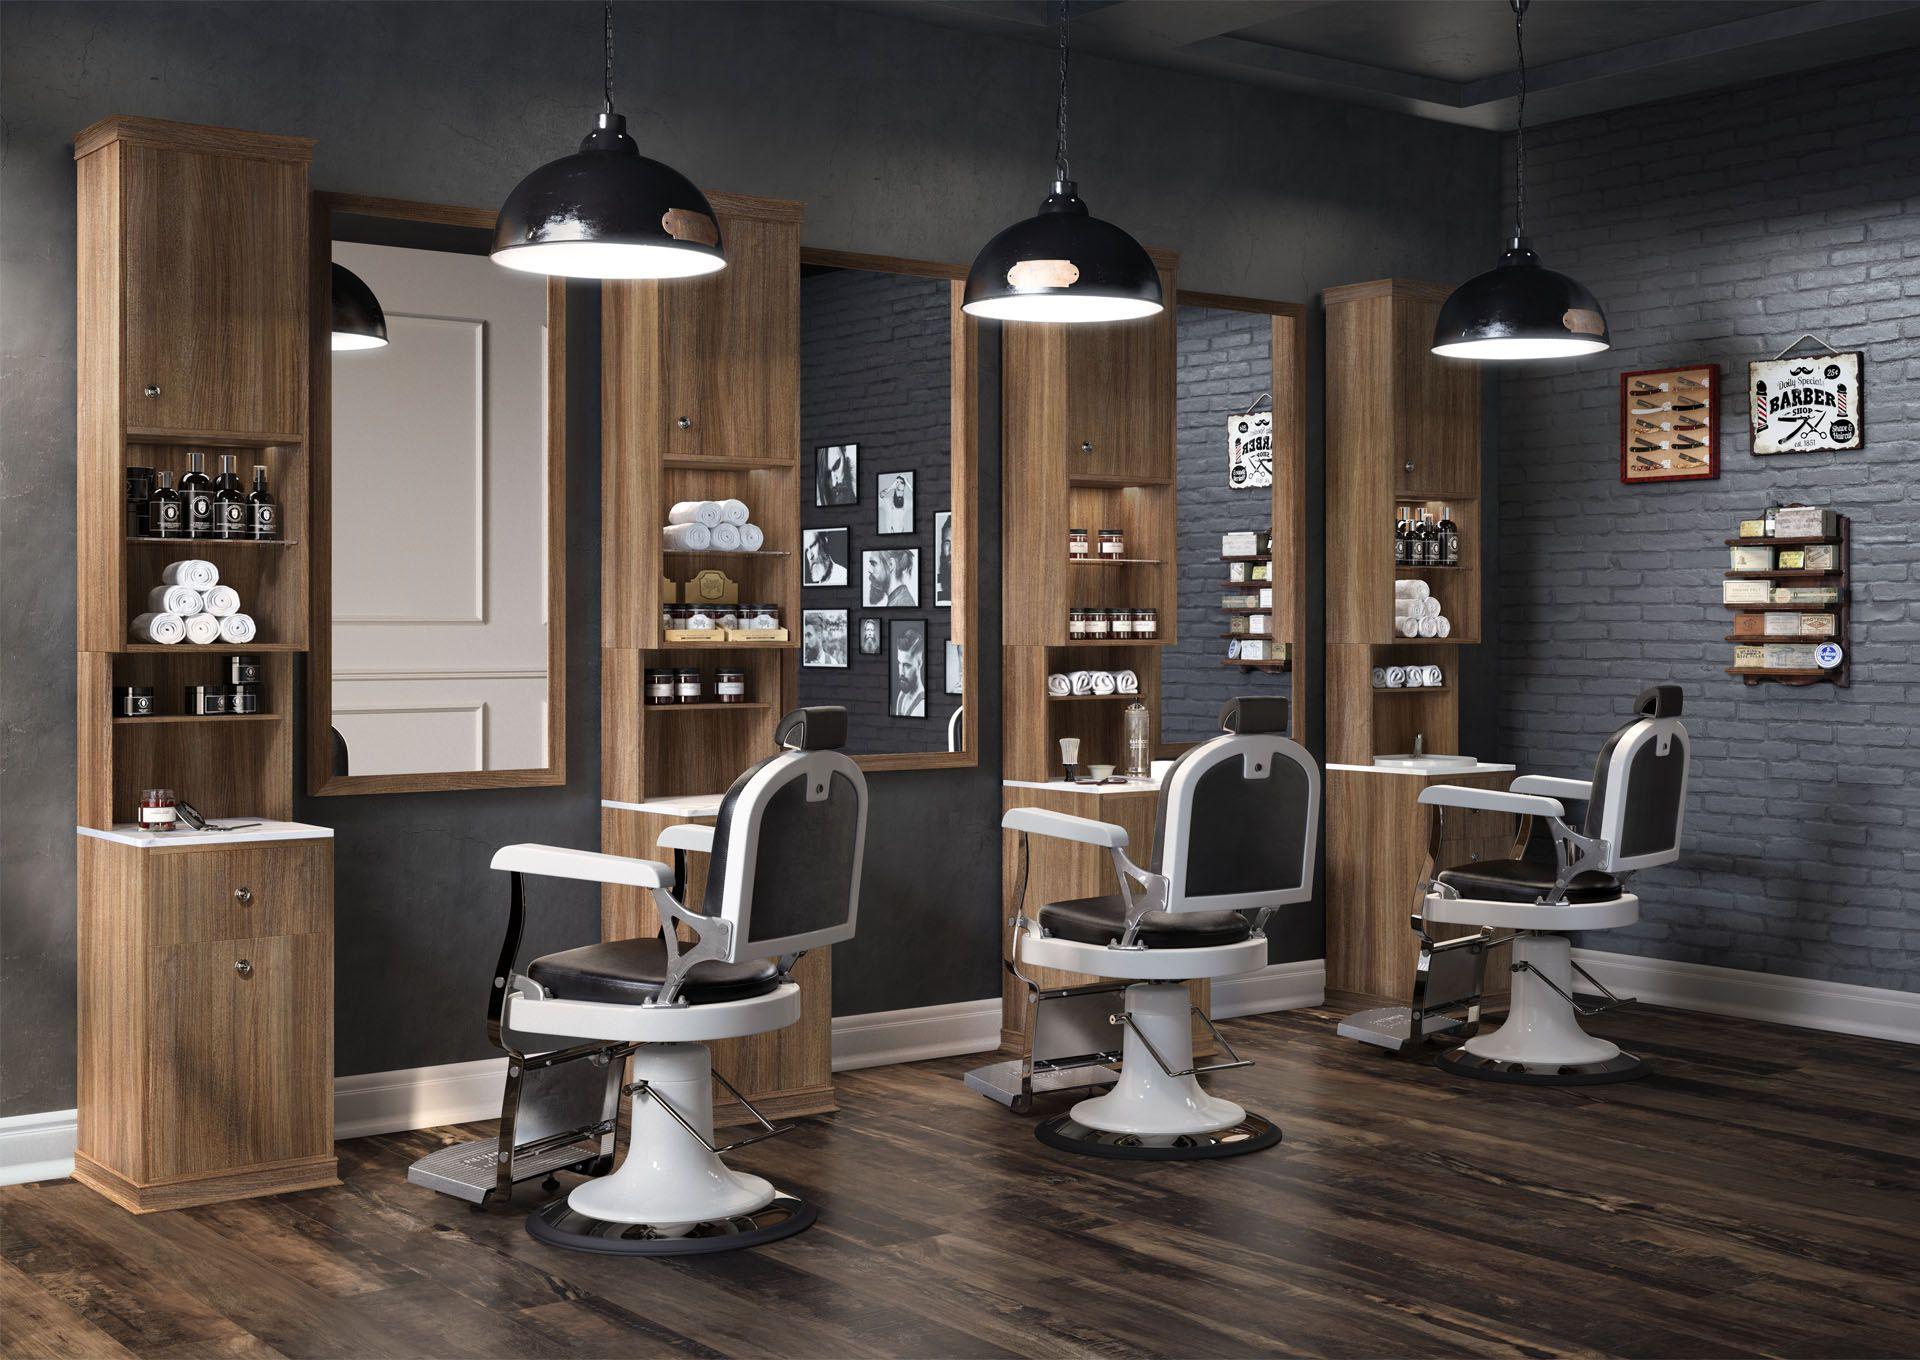 Interior design - Salon, Barbers, Spa, Nail Bars etc. www ...